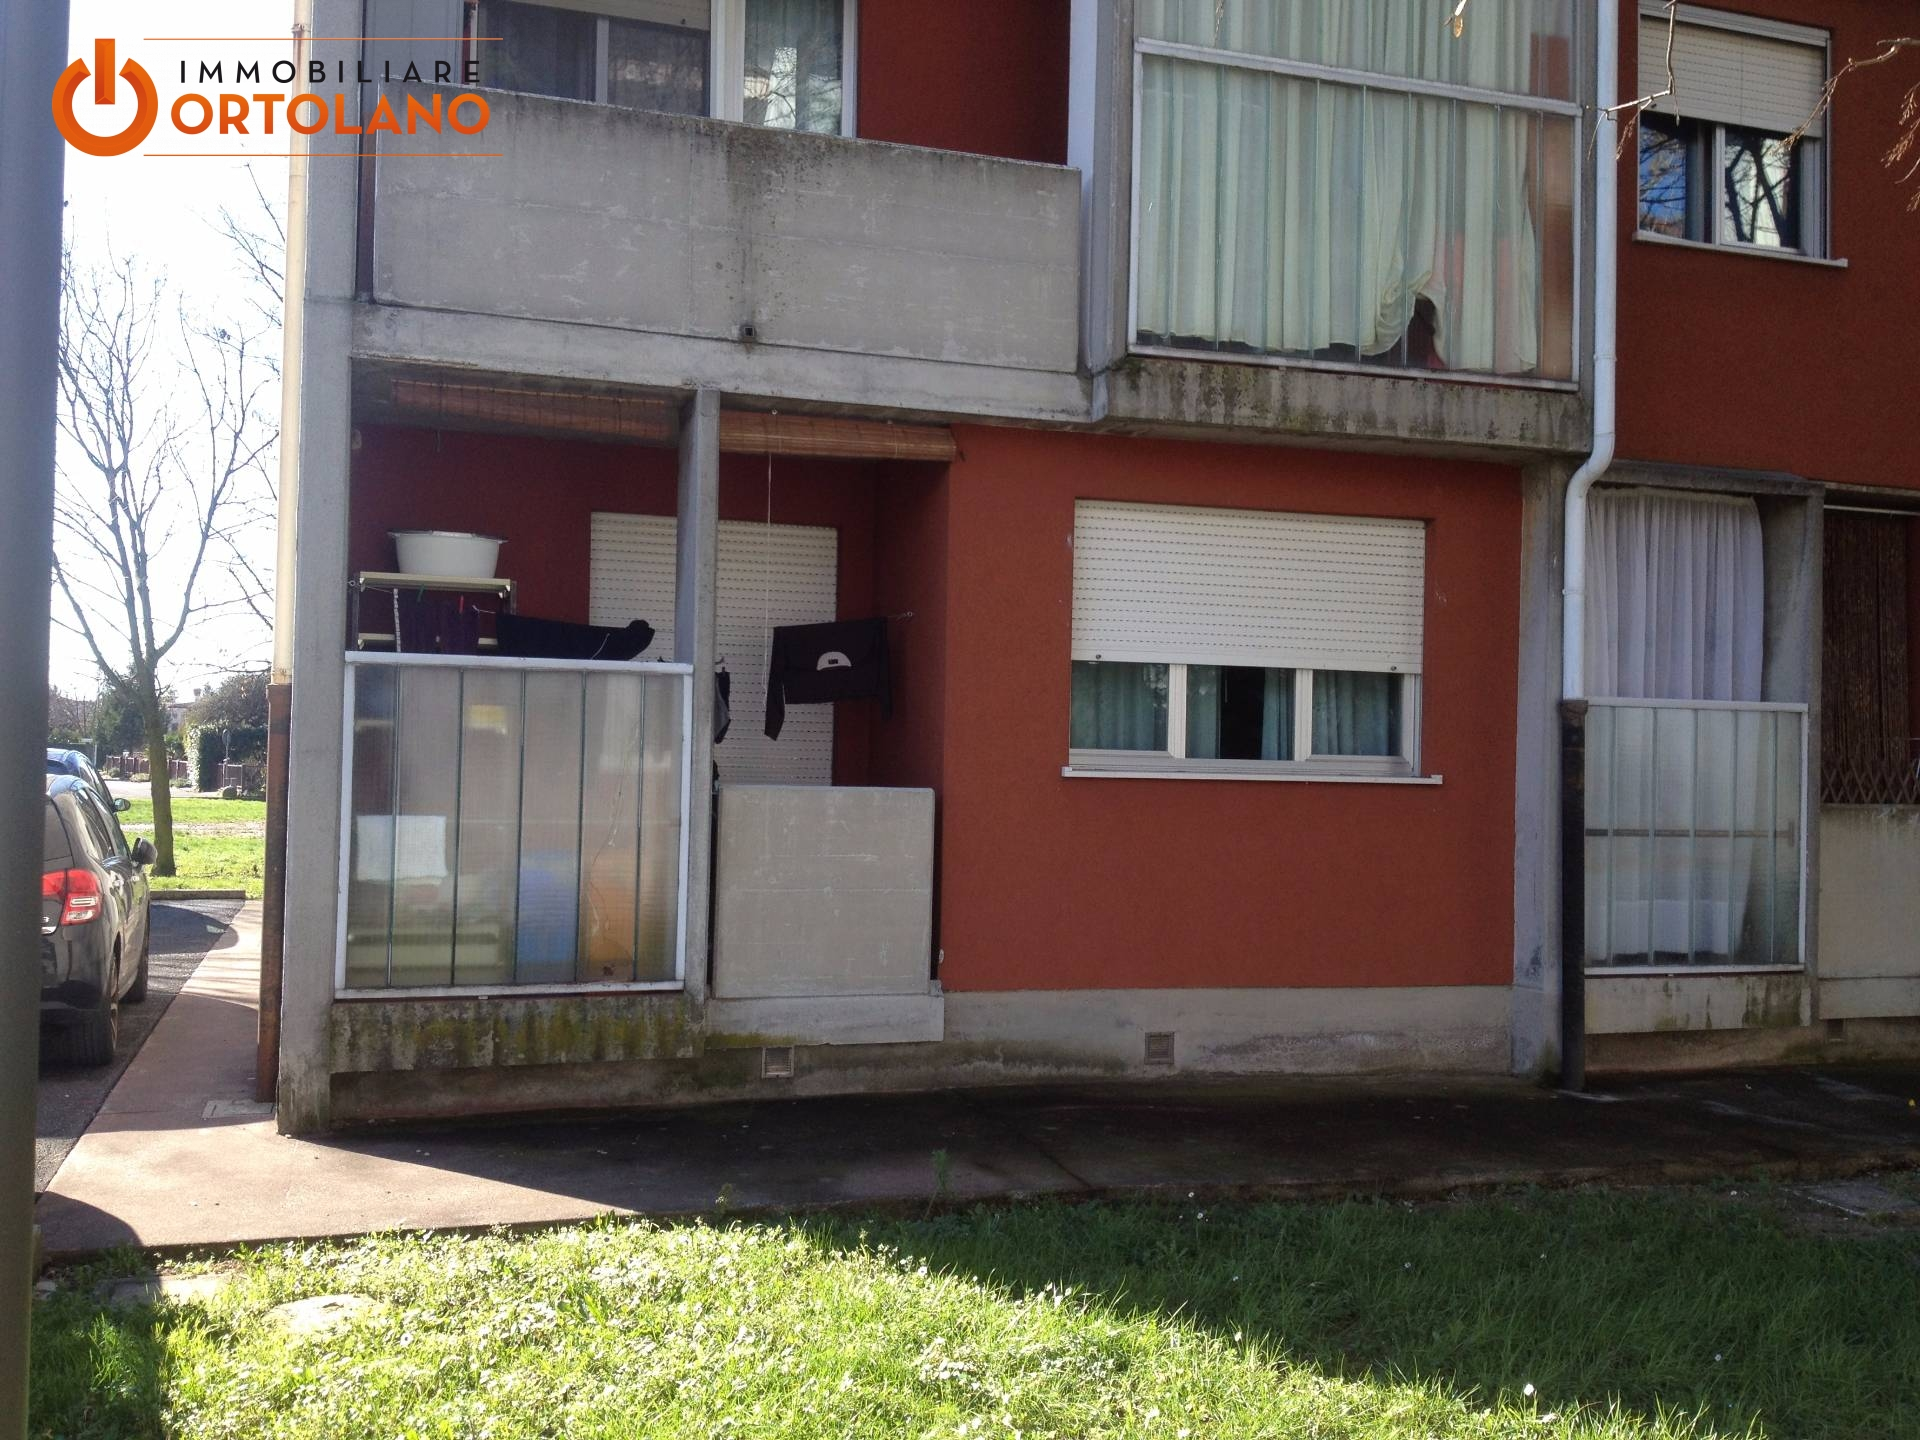 Appartamento in affitto a Ronchi dei Legionari, 3 locali, zona Zona: Vermegliano, prezzo € 450   CambioCasa.it